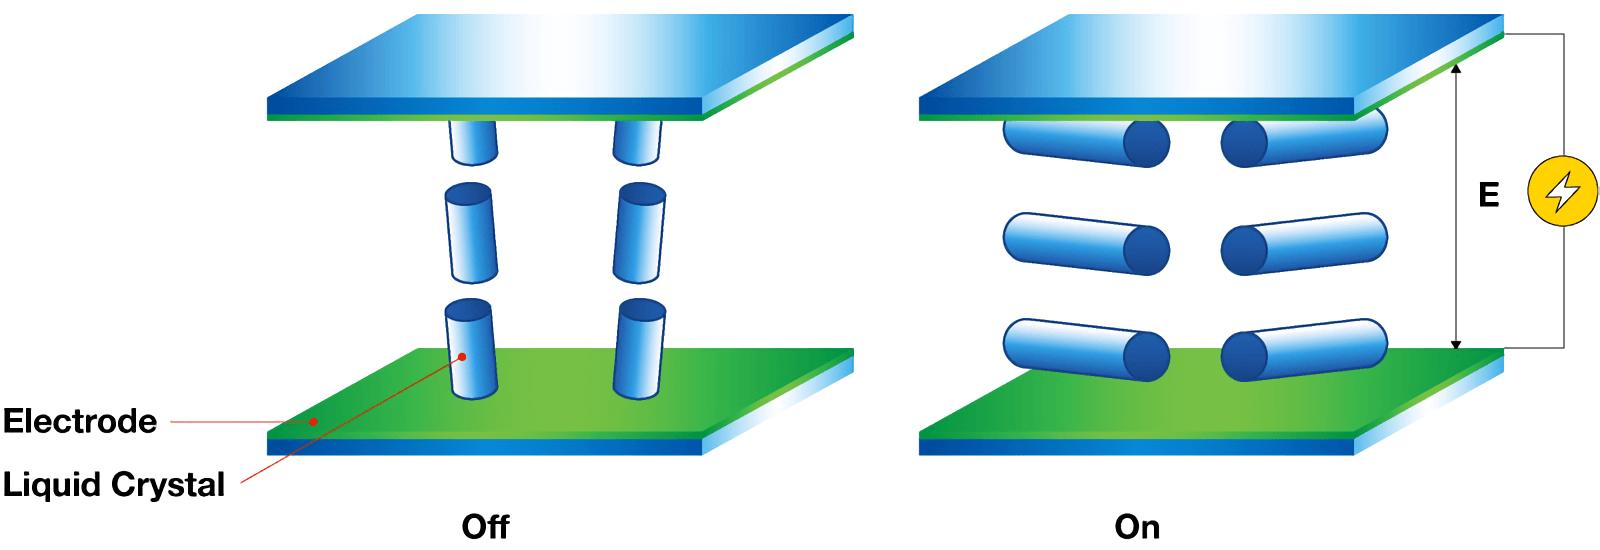 راهنمای خرید مانیتور قسمت اول - مقایسه فناوریهای صفحه نمایش TN، VA و IPS